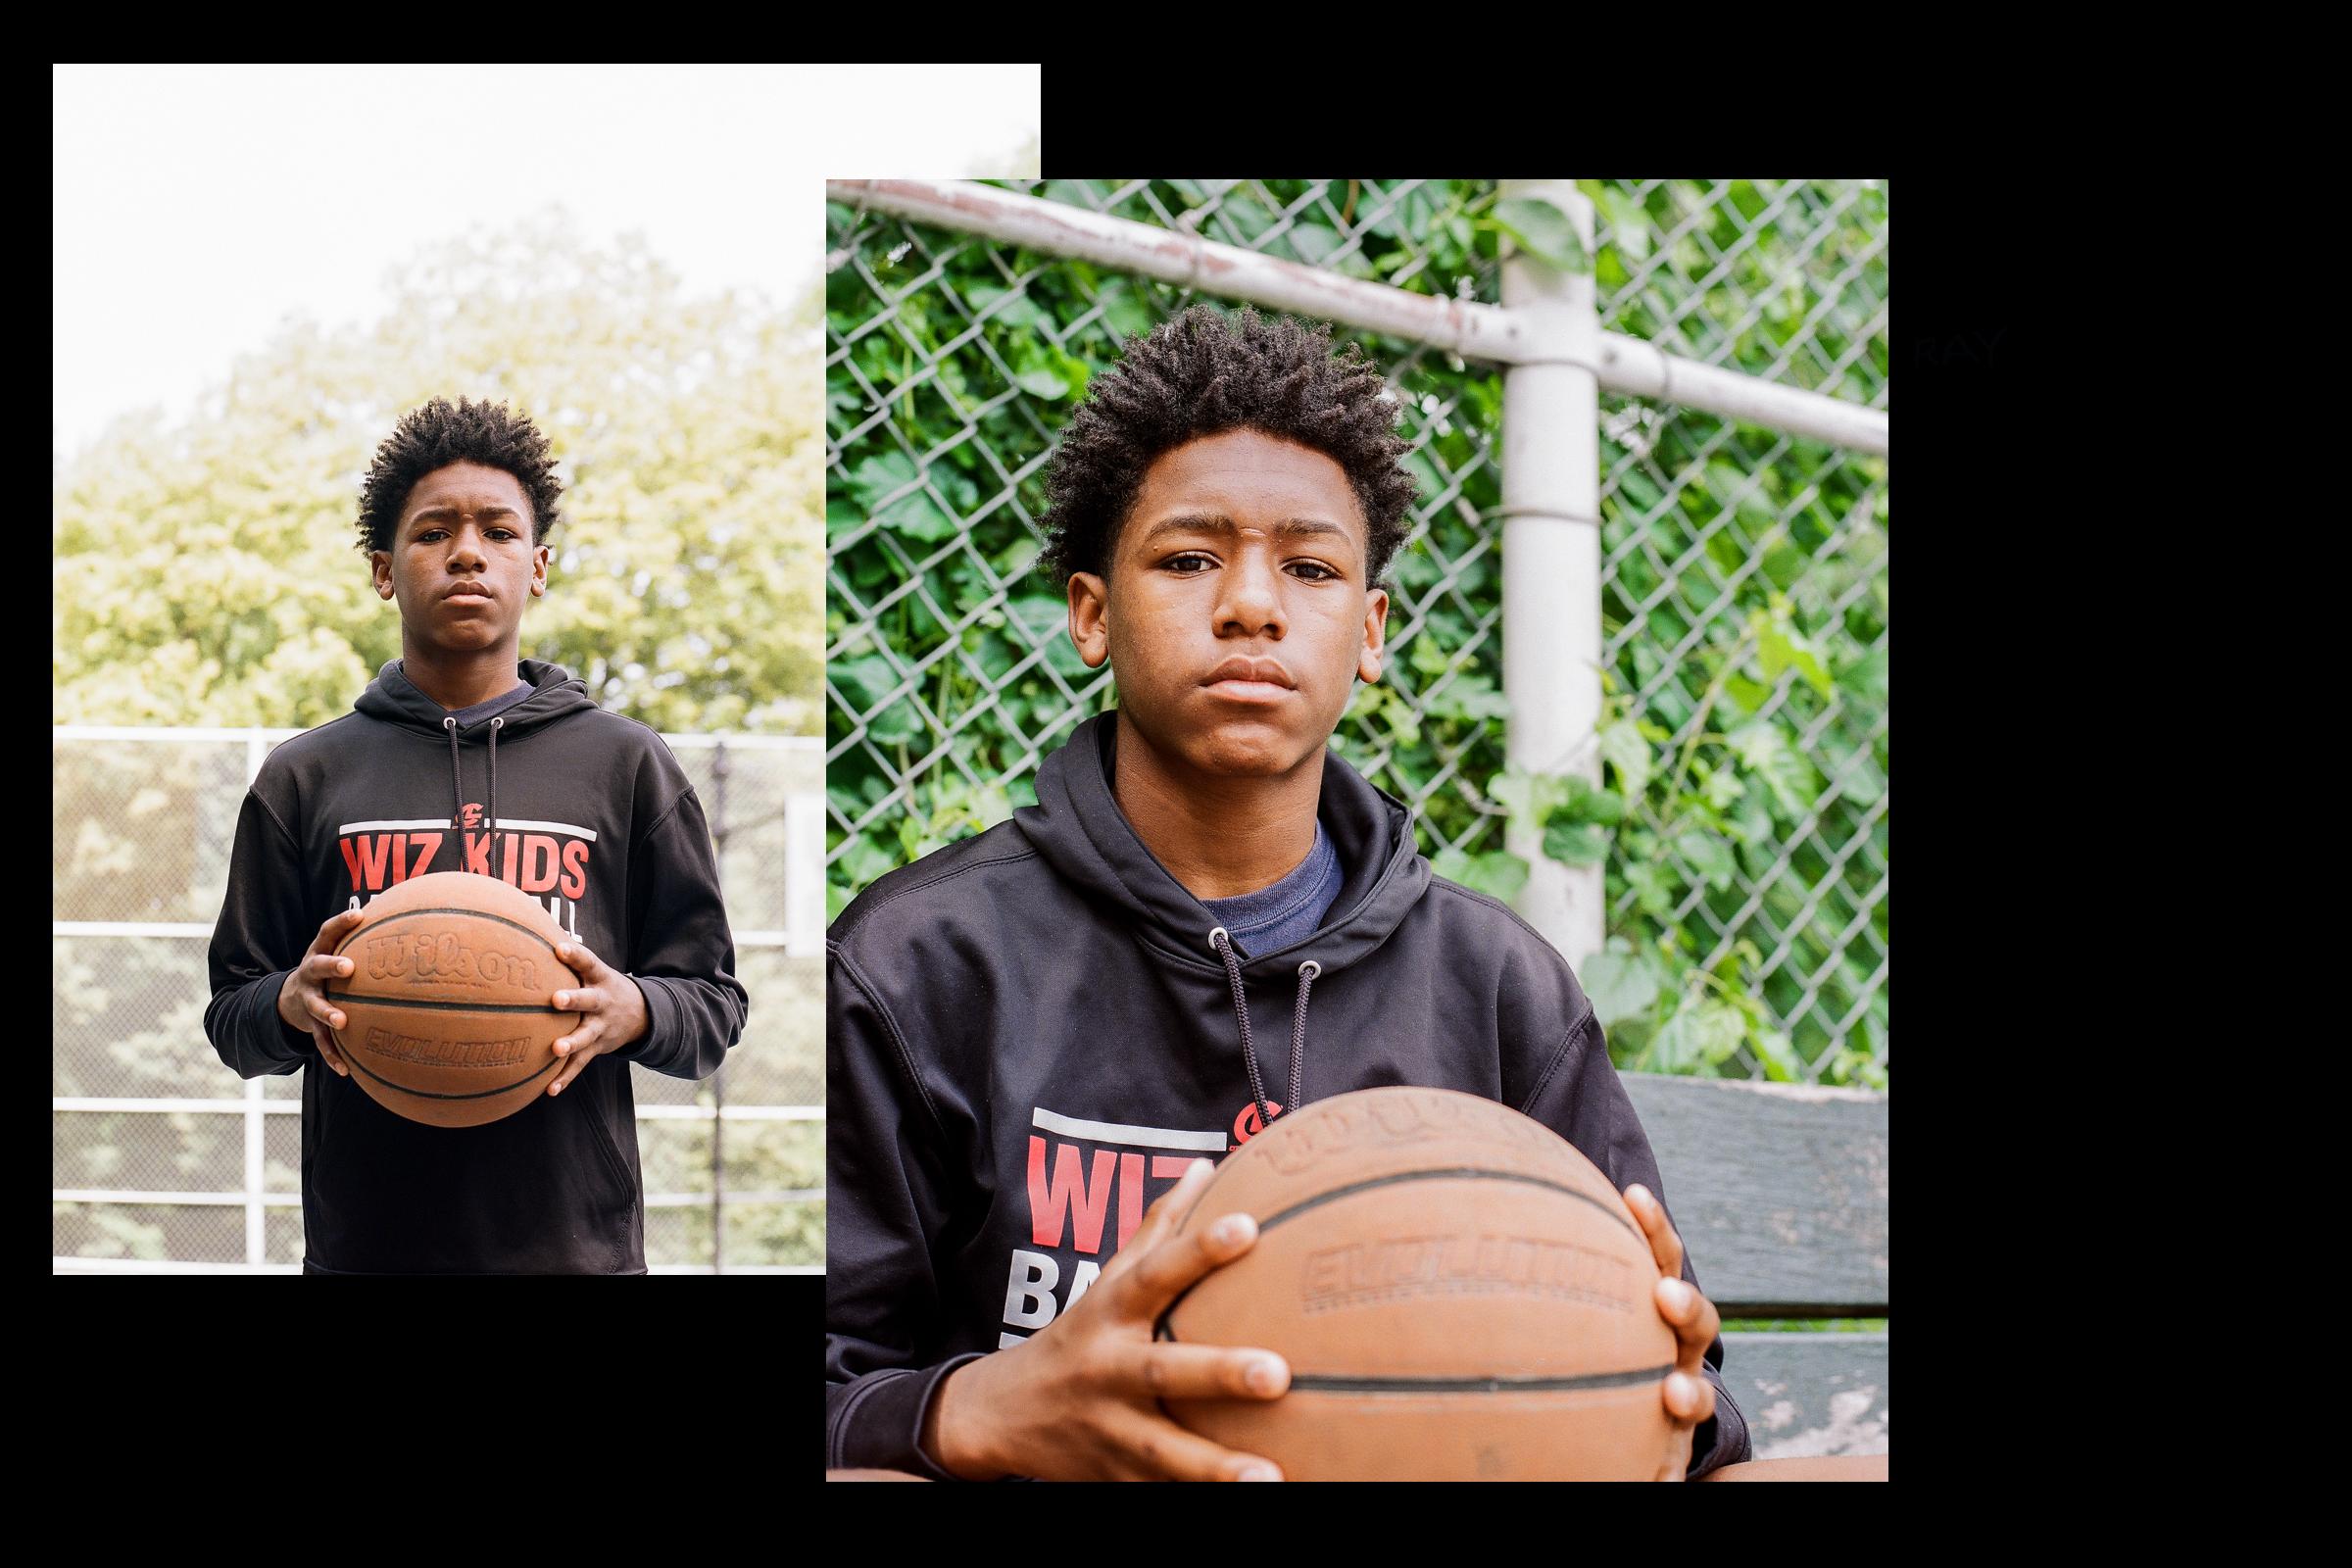 Ray, 15, Bronx, NY